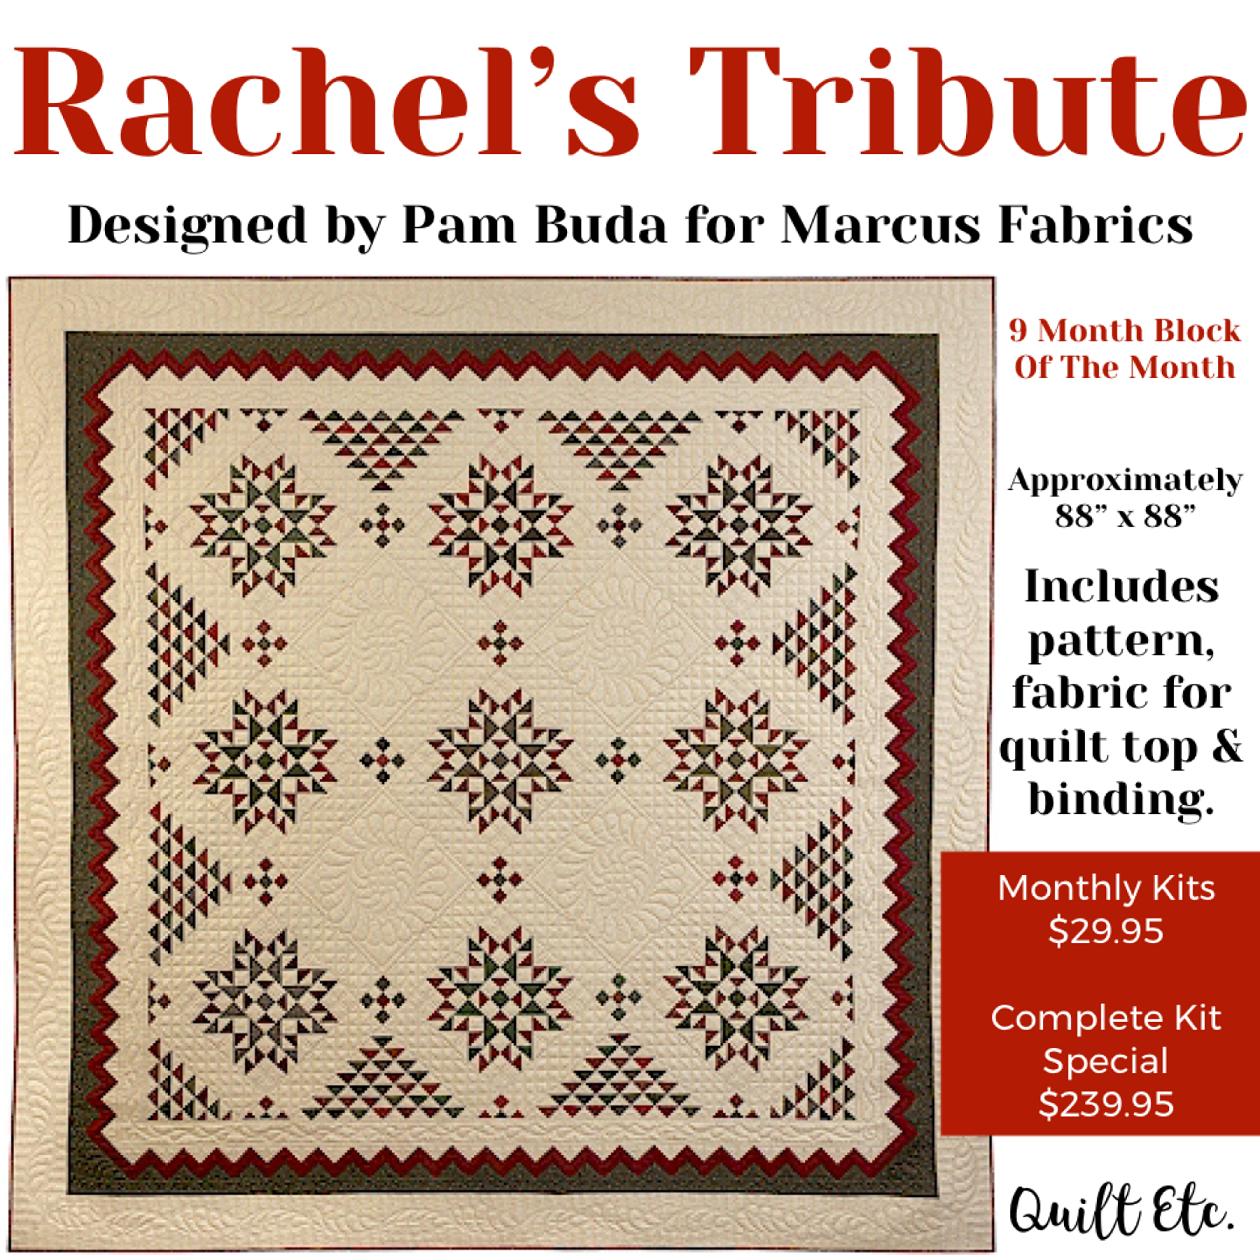 Rachel's Tribute Block Of The Month